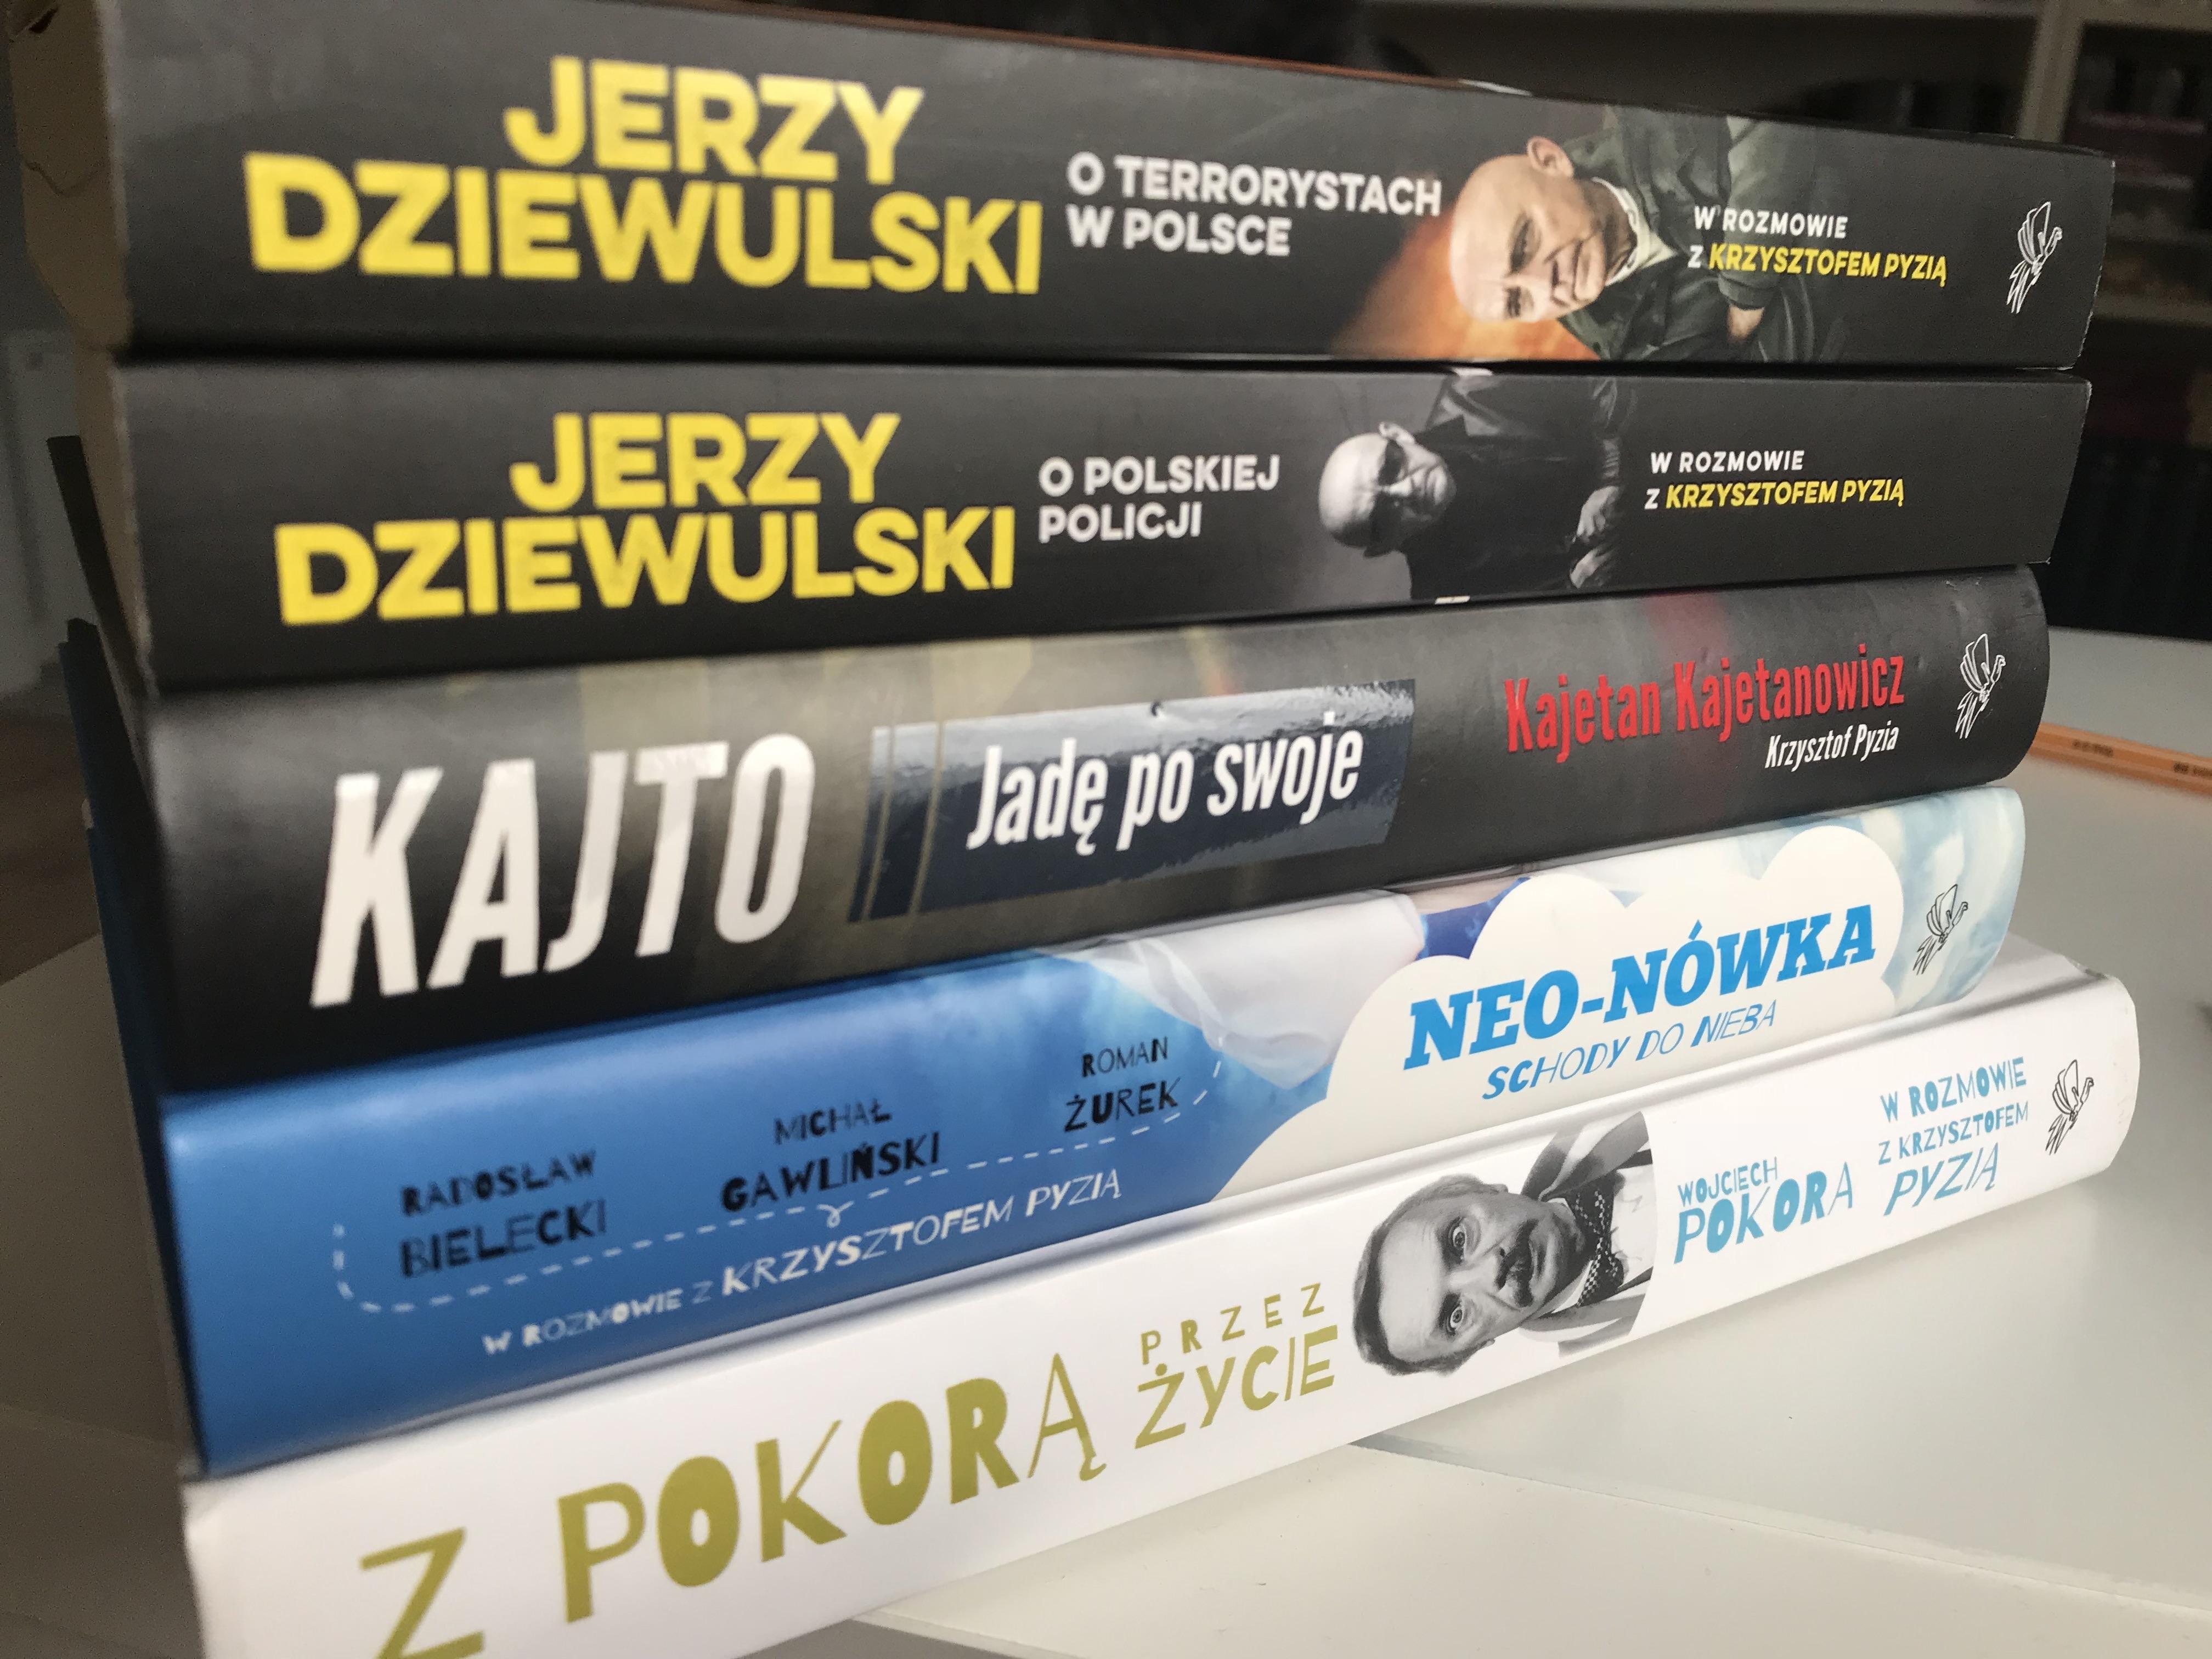 Nowa książka na jesieni!